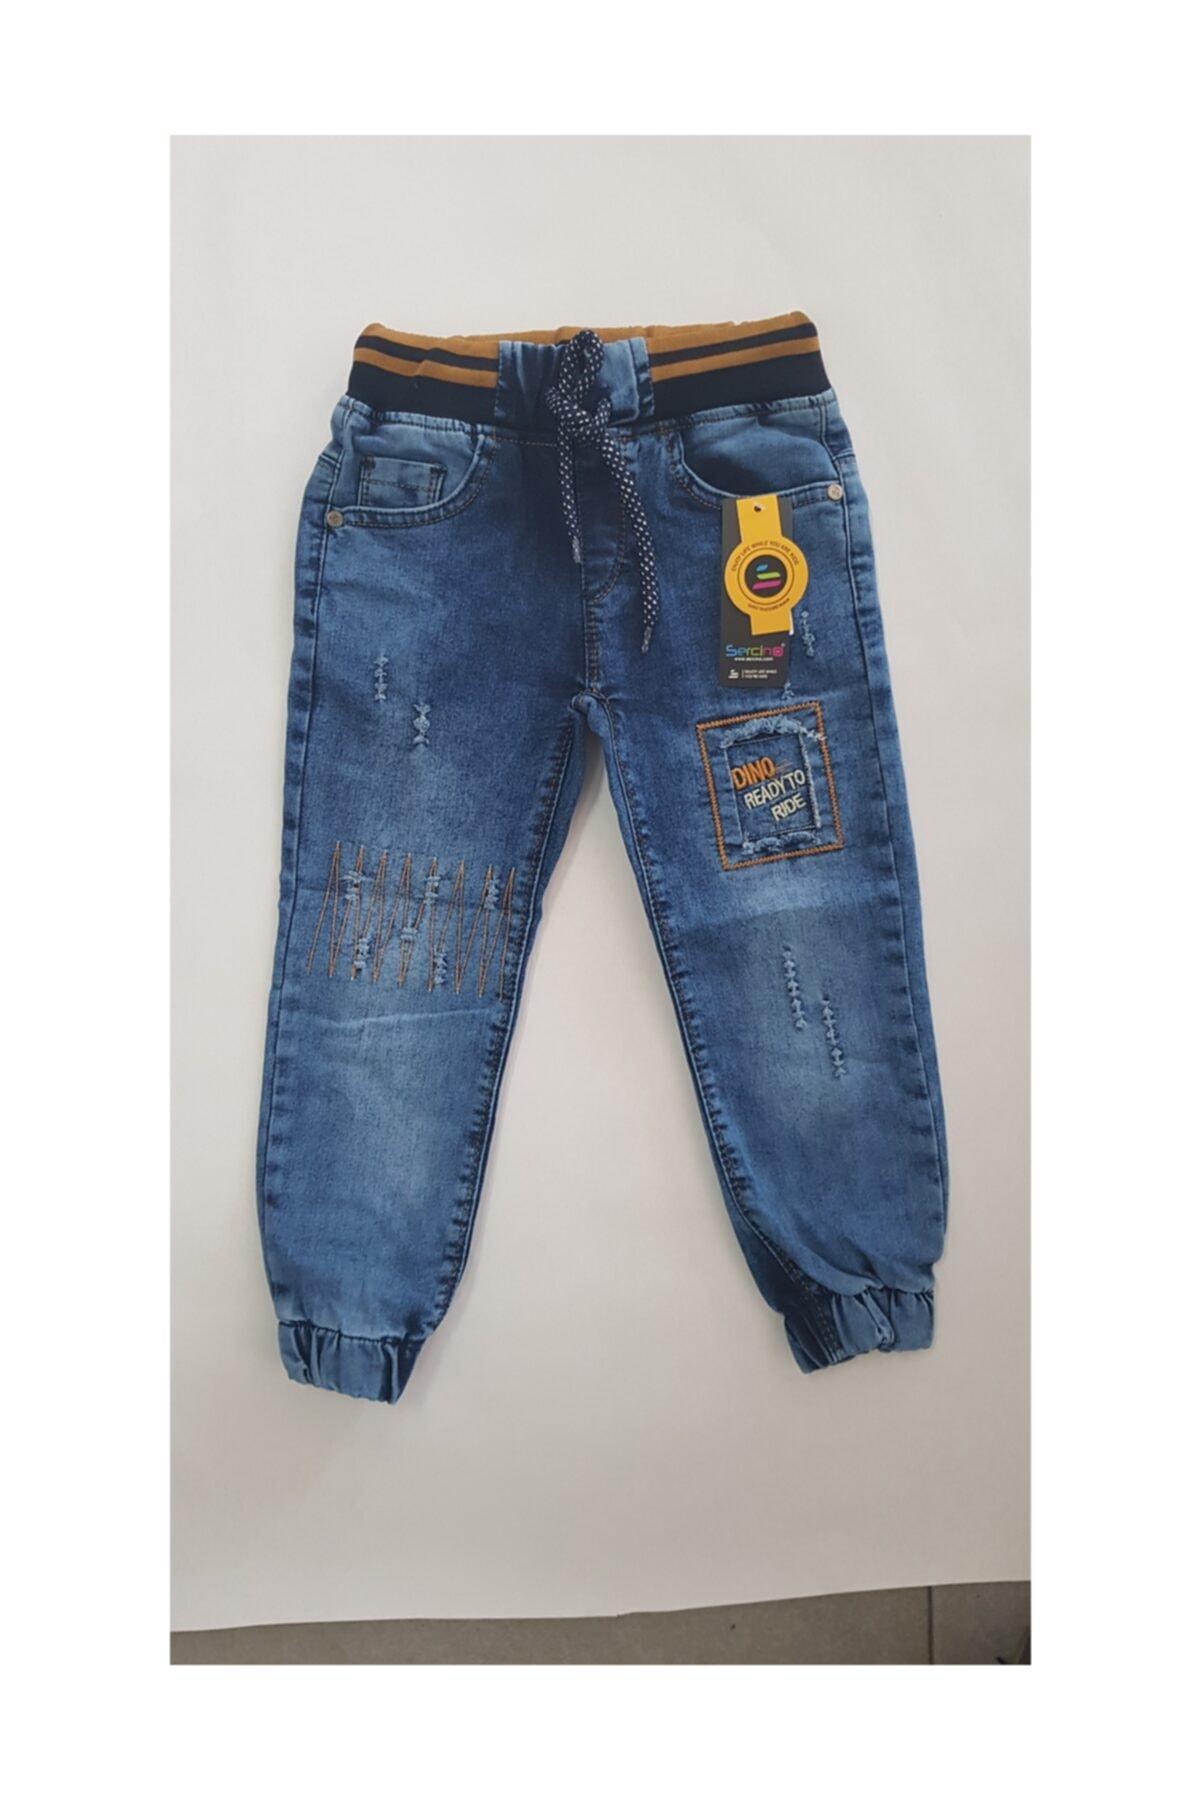 Sercino Erkek Çocuk Pantolonu Jeans Ribanalı 1